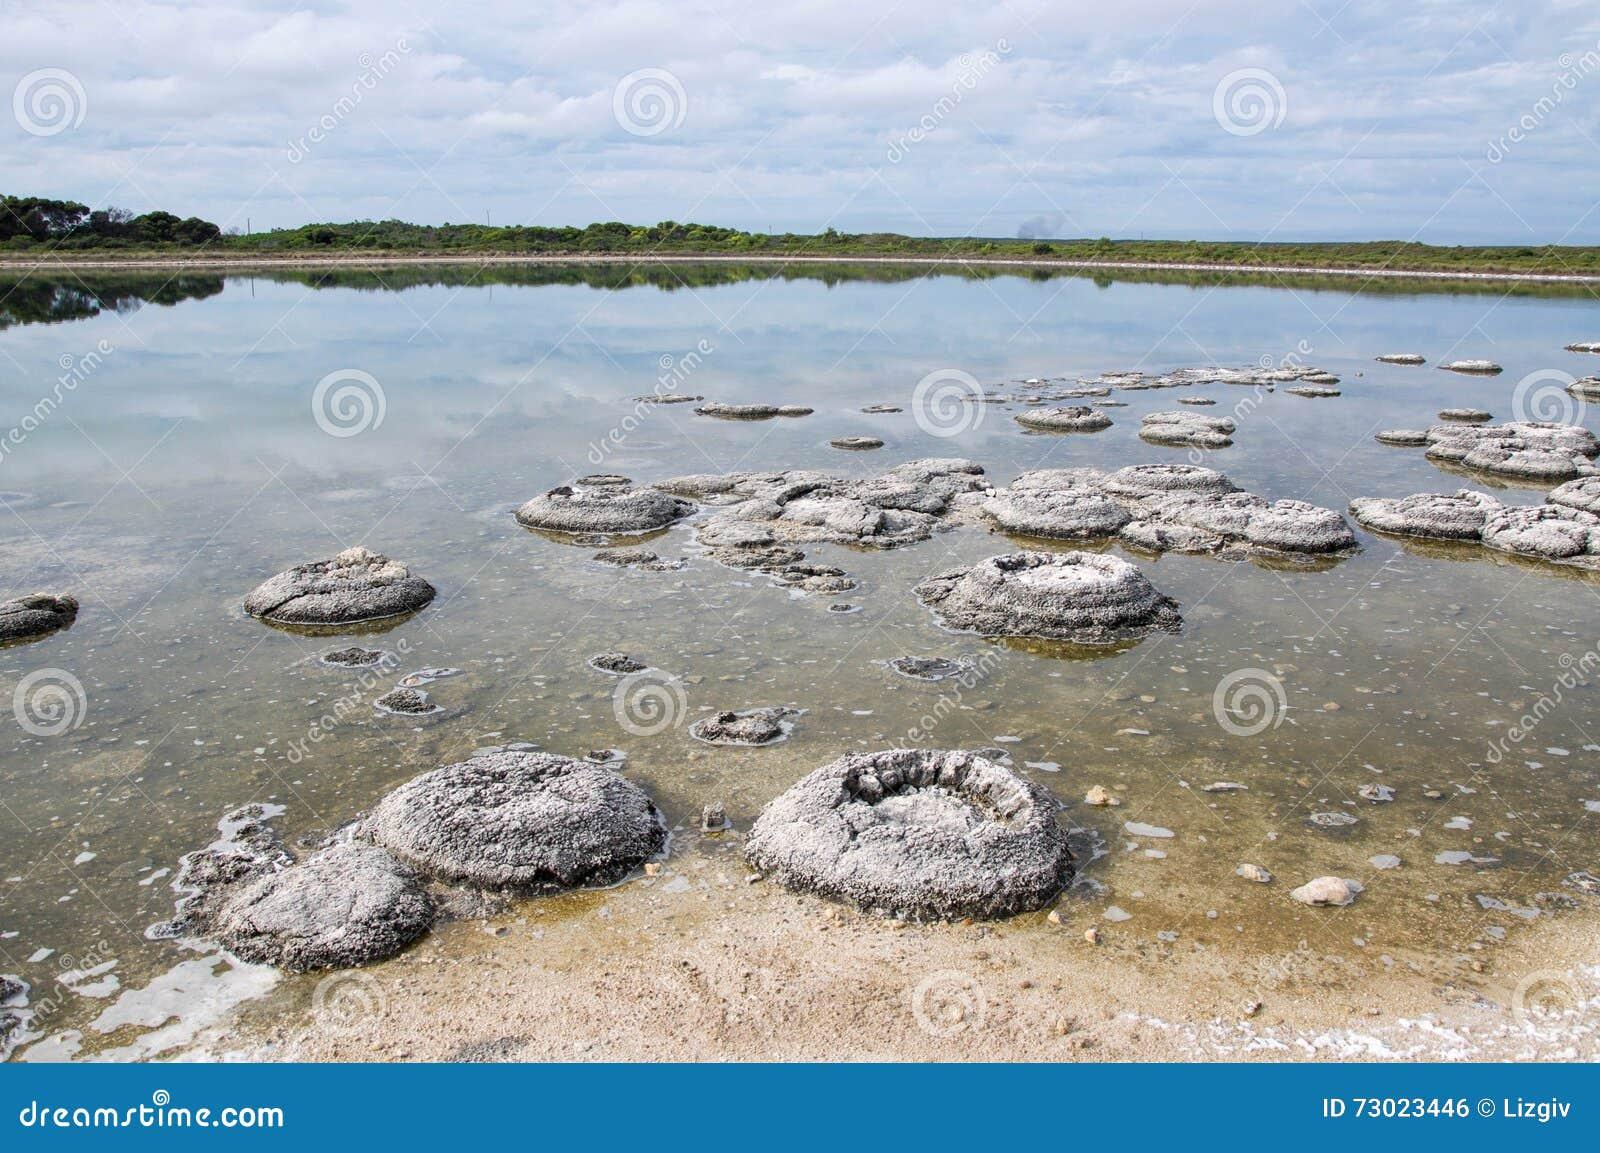 Stromatolites In Lake Thetis Stock Photo - Image: 73023446